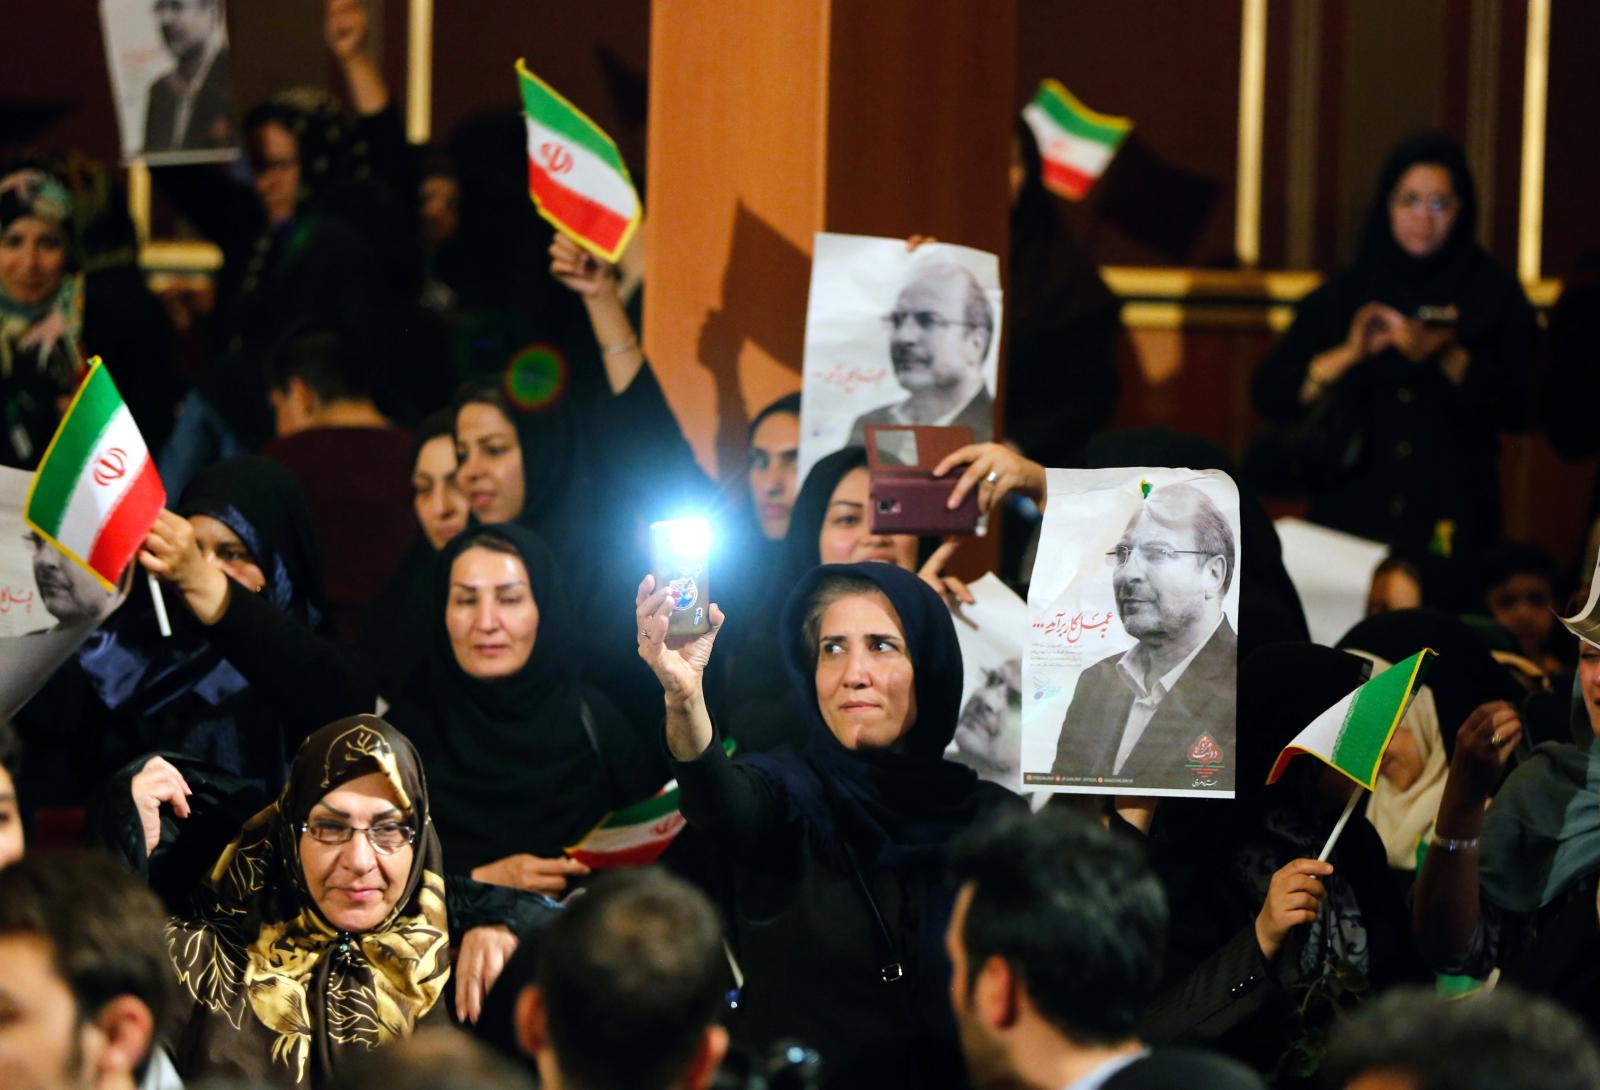 Kampanie wyborcza w Iranie. Zwolennicy irańskiej kandydatury na prezydenta Mohamad Bagher Ghalibaf pokazują obrazy przedstawiające go podczas rajdu kampanii wyborczej w Teheranie w Iranie. 19 maja br. odbędą się tam wybory. Fot. PAP/EPA/ABEDIN TAHERKENAREH